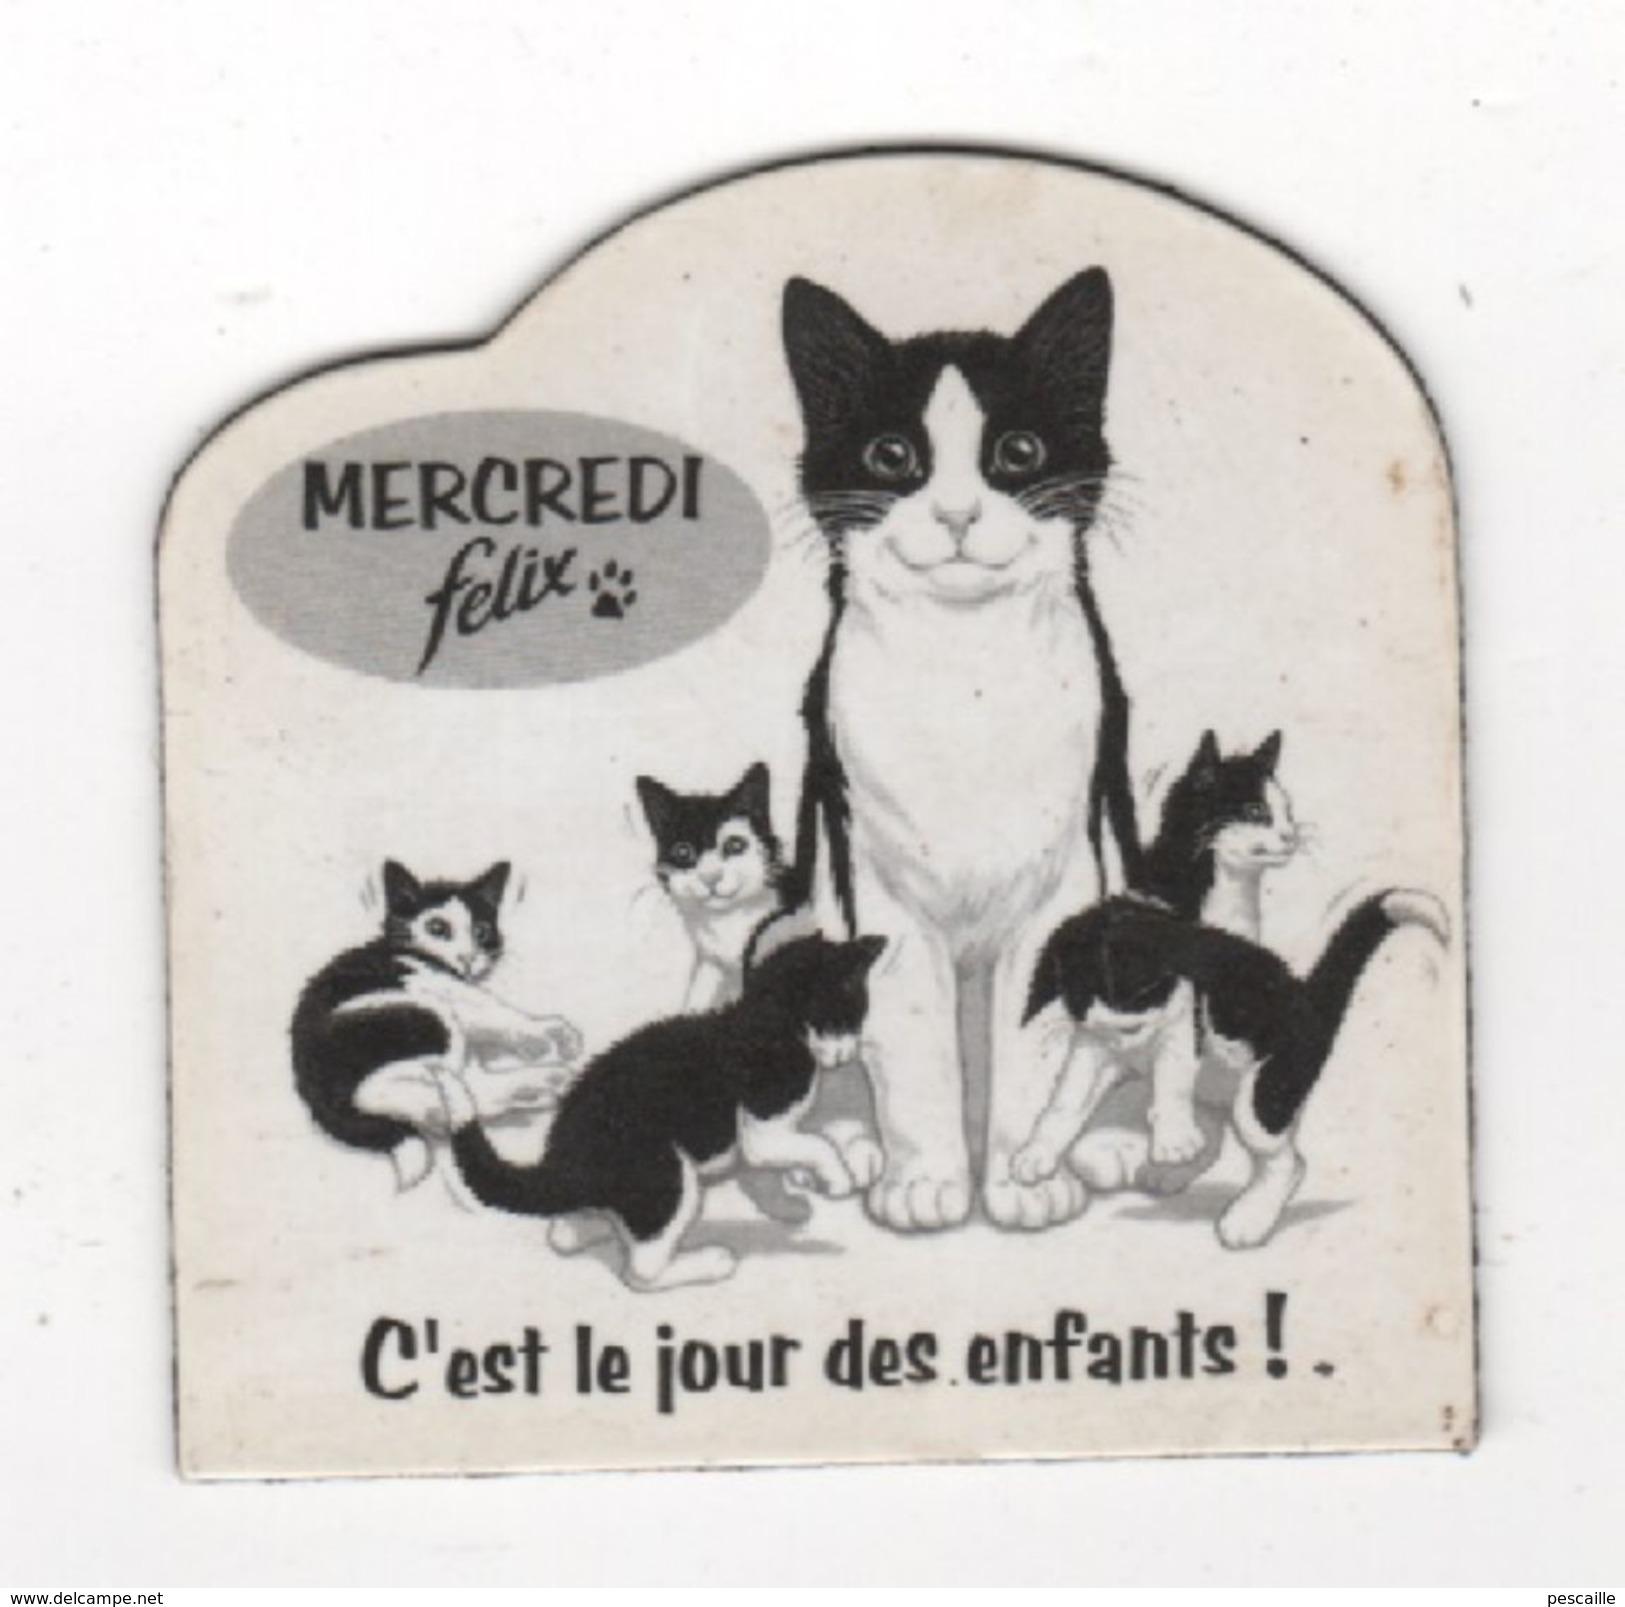 MAGNET PUBLICITAIRE CHAT FELIX - MERCREDI C'EST LE JOUR DES ENFANTS - CHATONS - Magnets